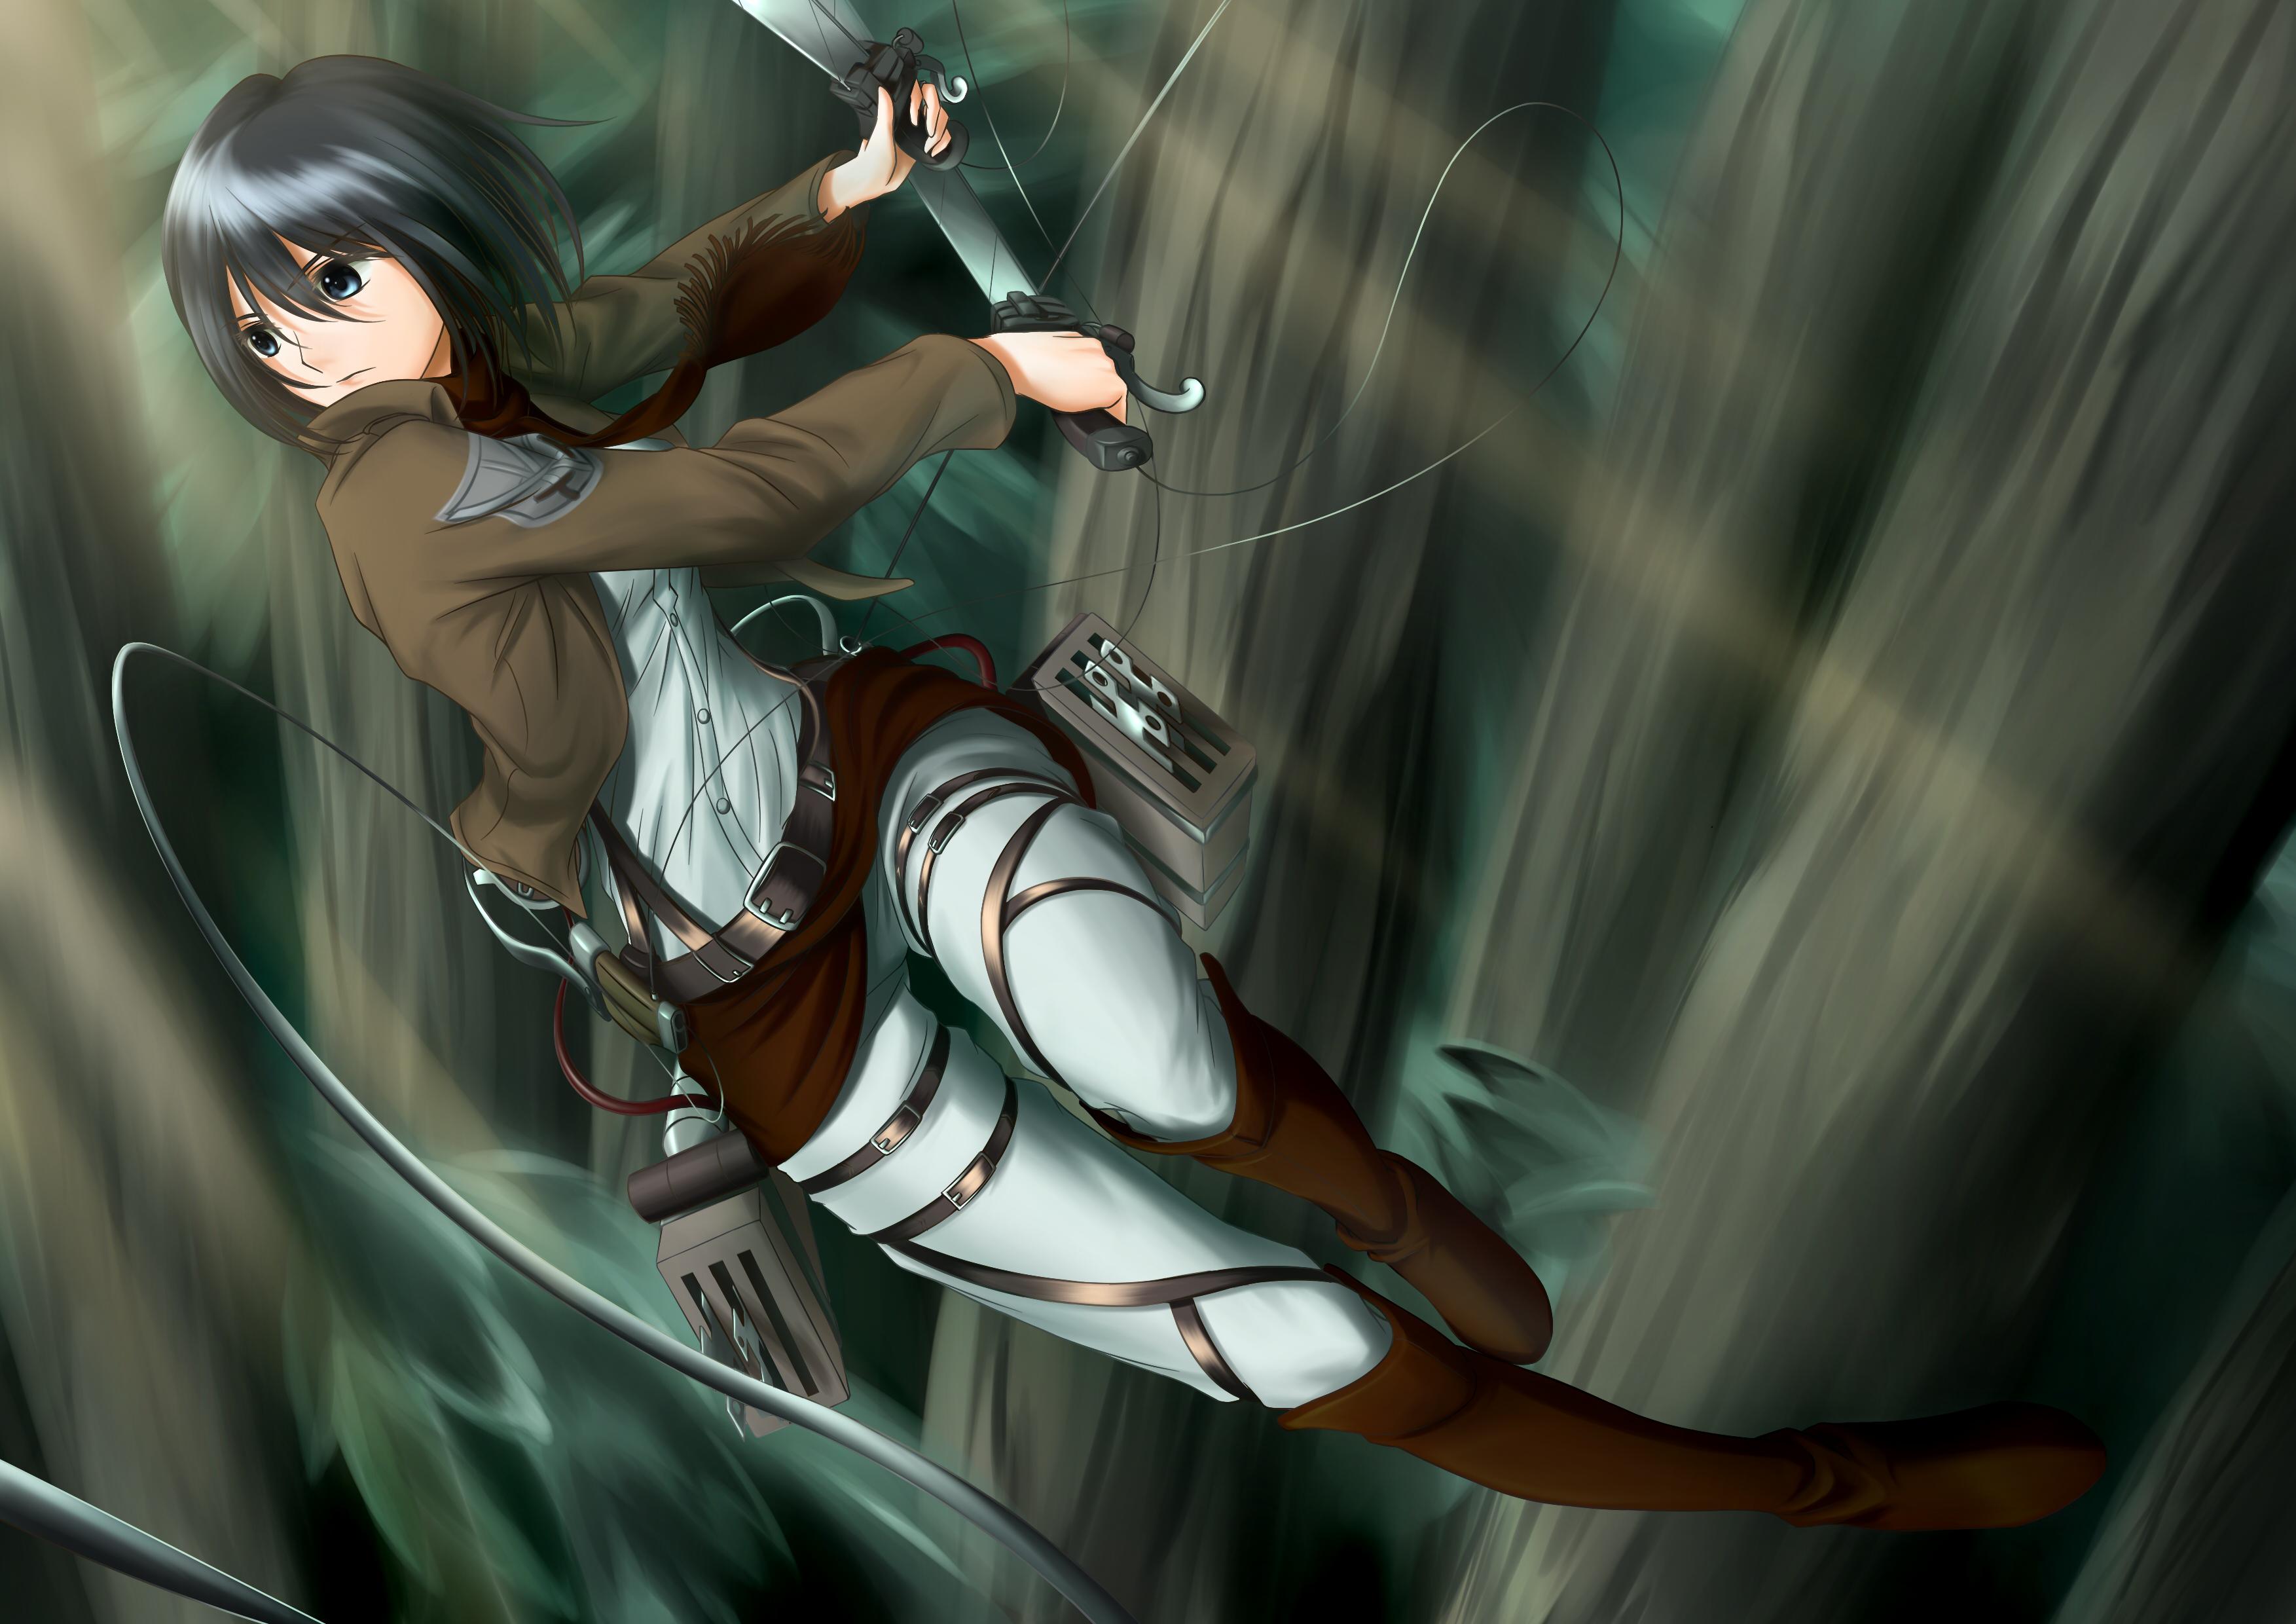 Shingeki No Kyojin Mikasa Ackerman Q Wallpaper 3507x2480 82445 Wallpaperup